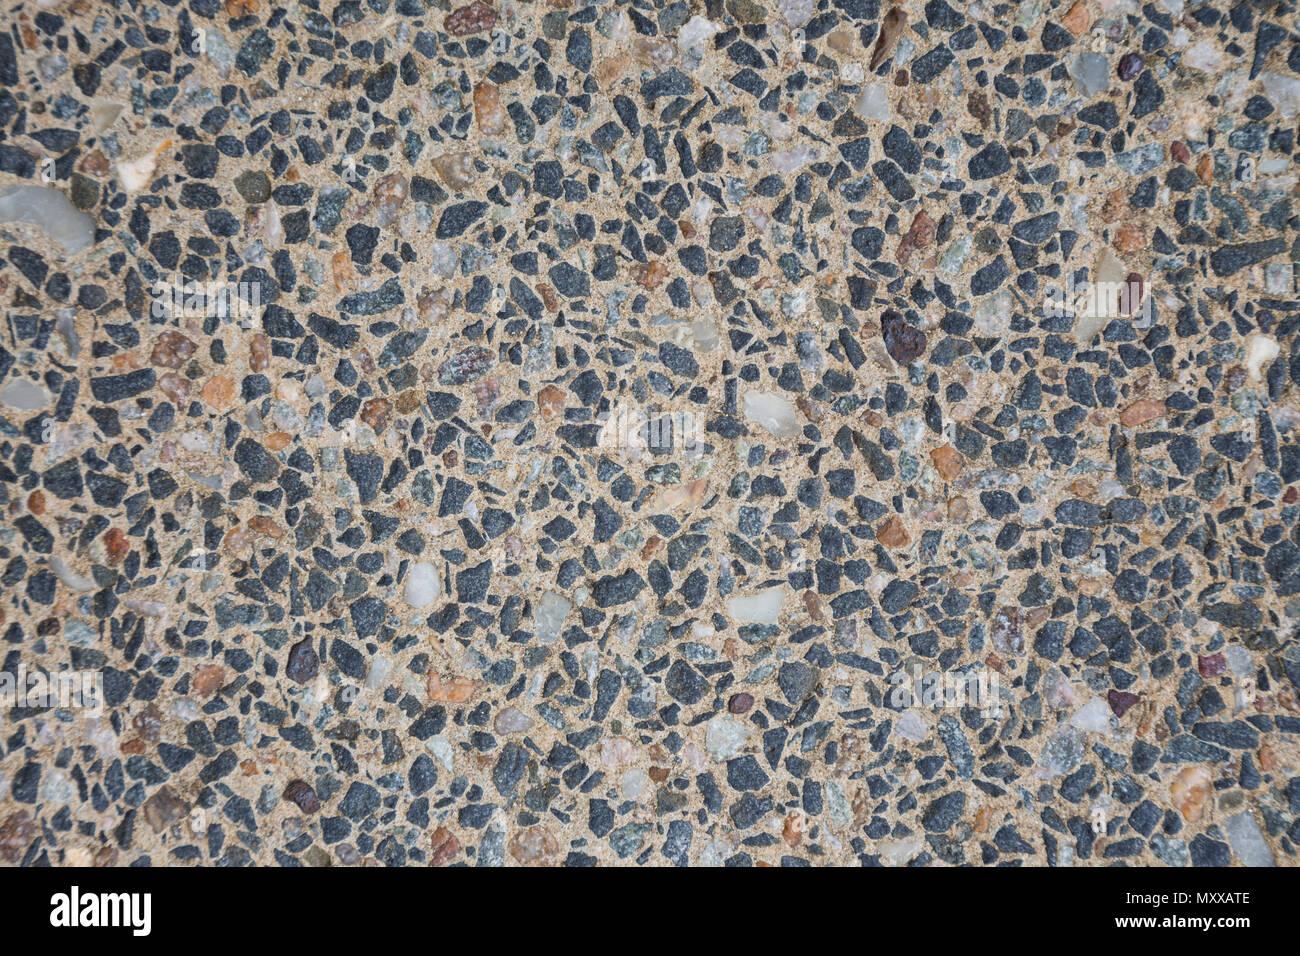 Un agregado de suelo la textura del fondo. Imagen De Stock